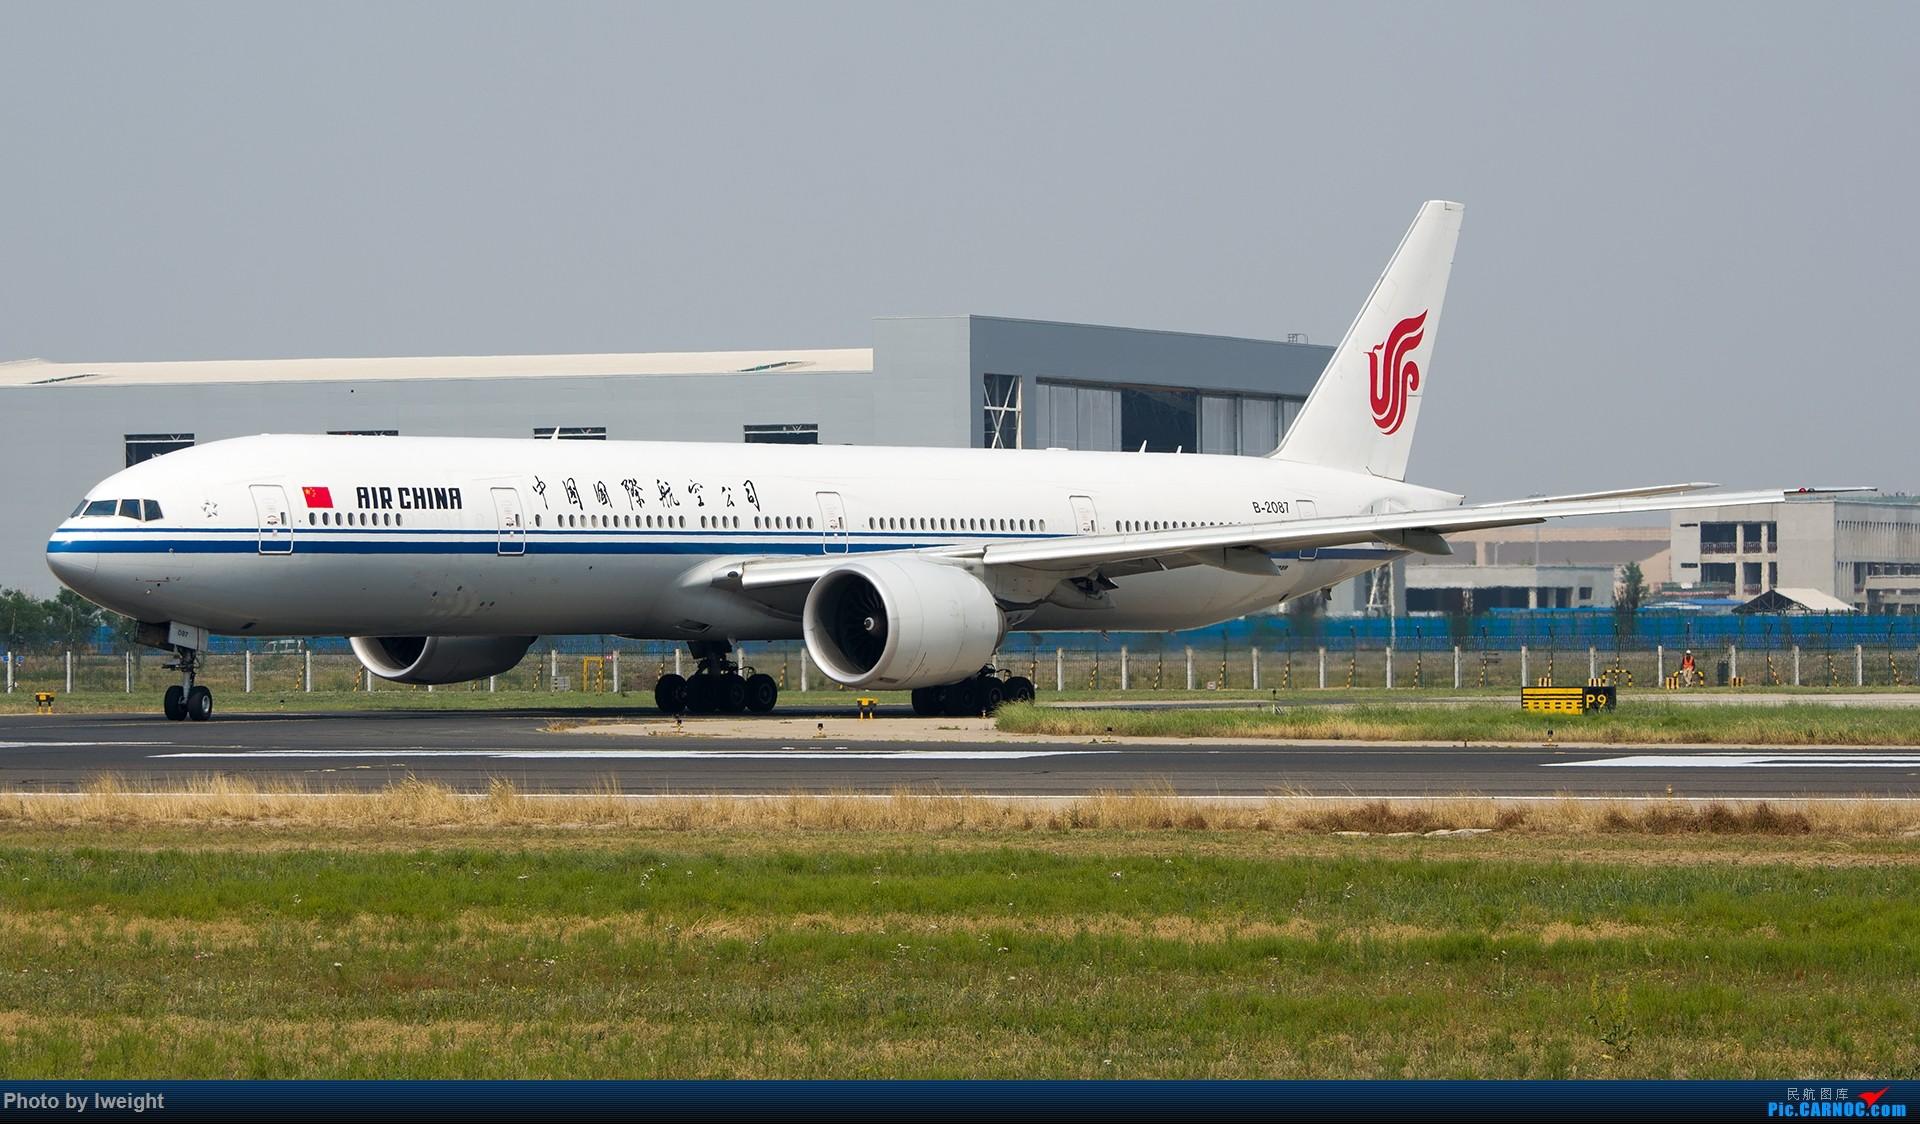 Re:[原创]周末帝都霾天拍机,凑合看看吧【2015-5-23】 BOEING 777-300ER B-2087 中国北京首都国际机场